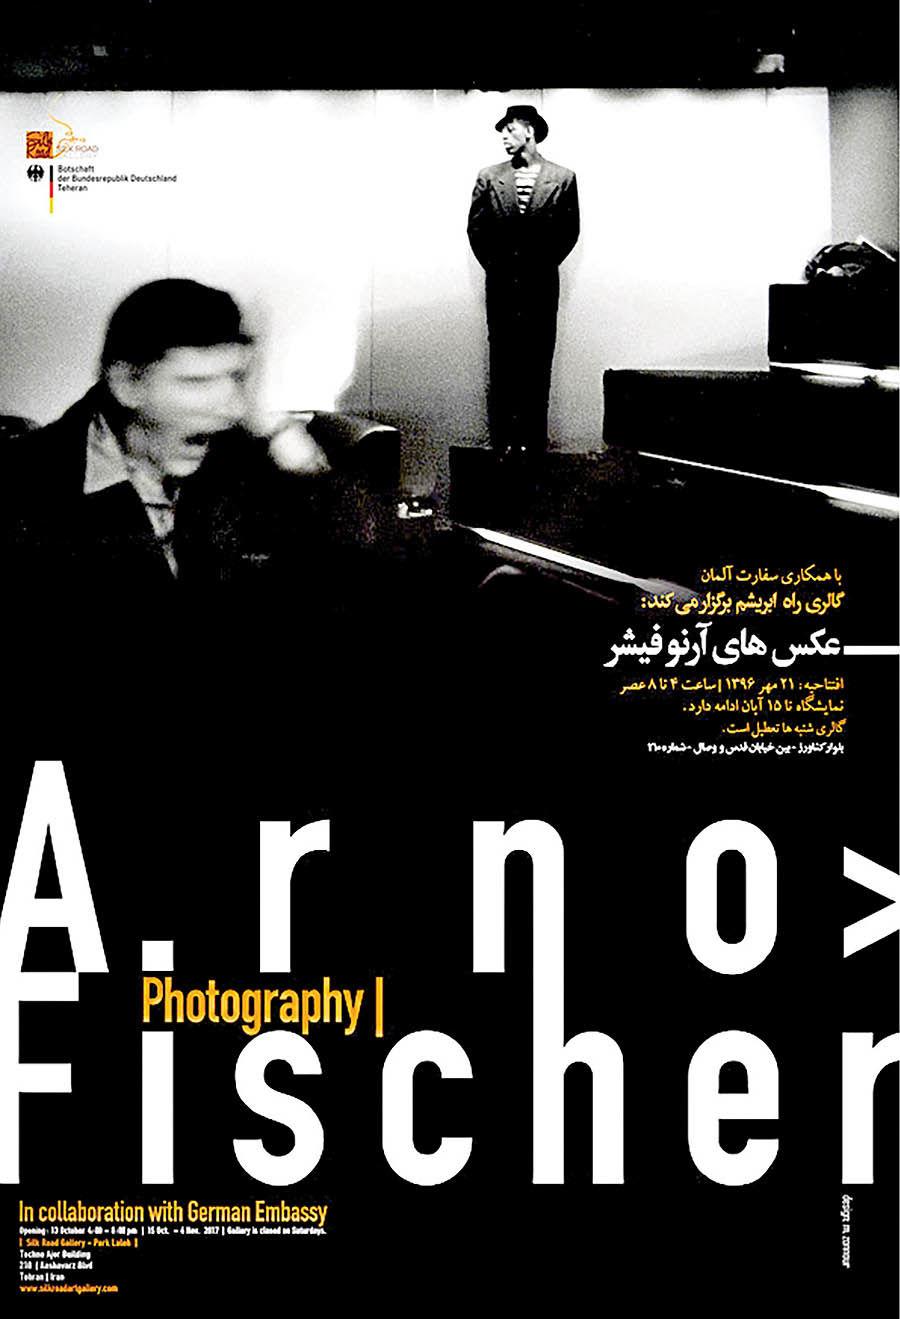 عکسهای آرنو فیشر در گالری راه ابریشم